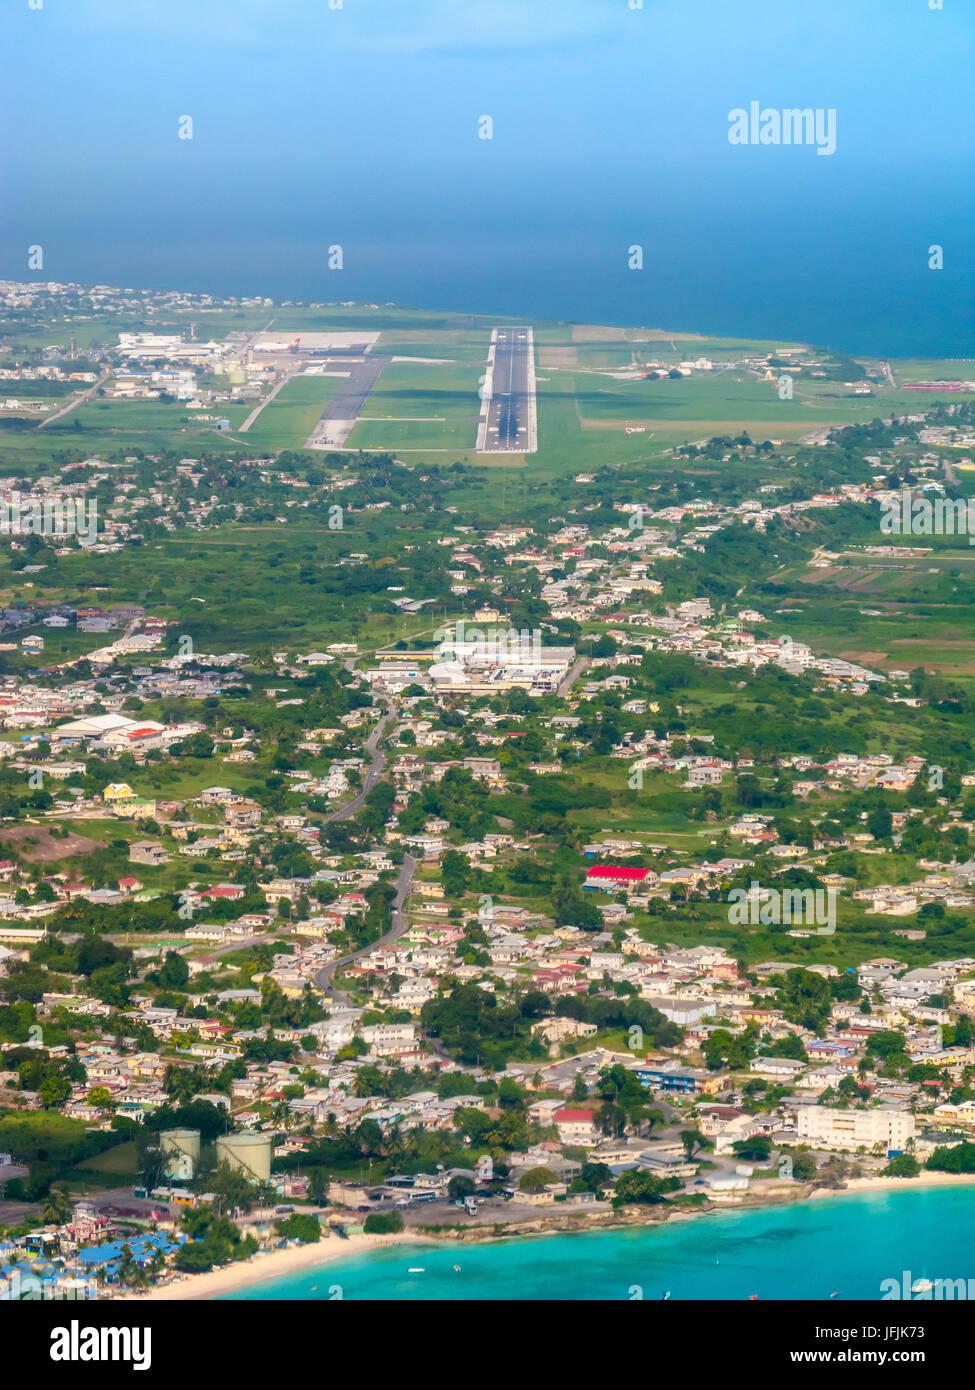 The Barbados runway approach, Barbados Grantley Adams International Airport (GAIA) Airport, Barbados, West Indies Stock Photo